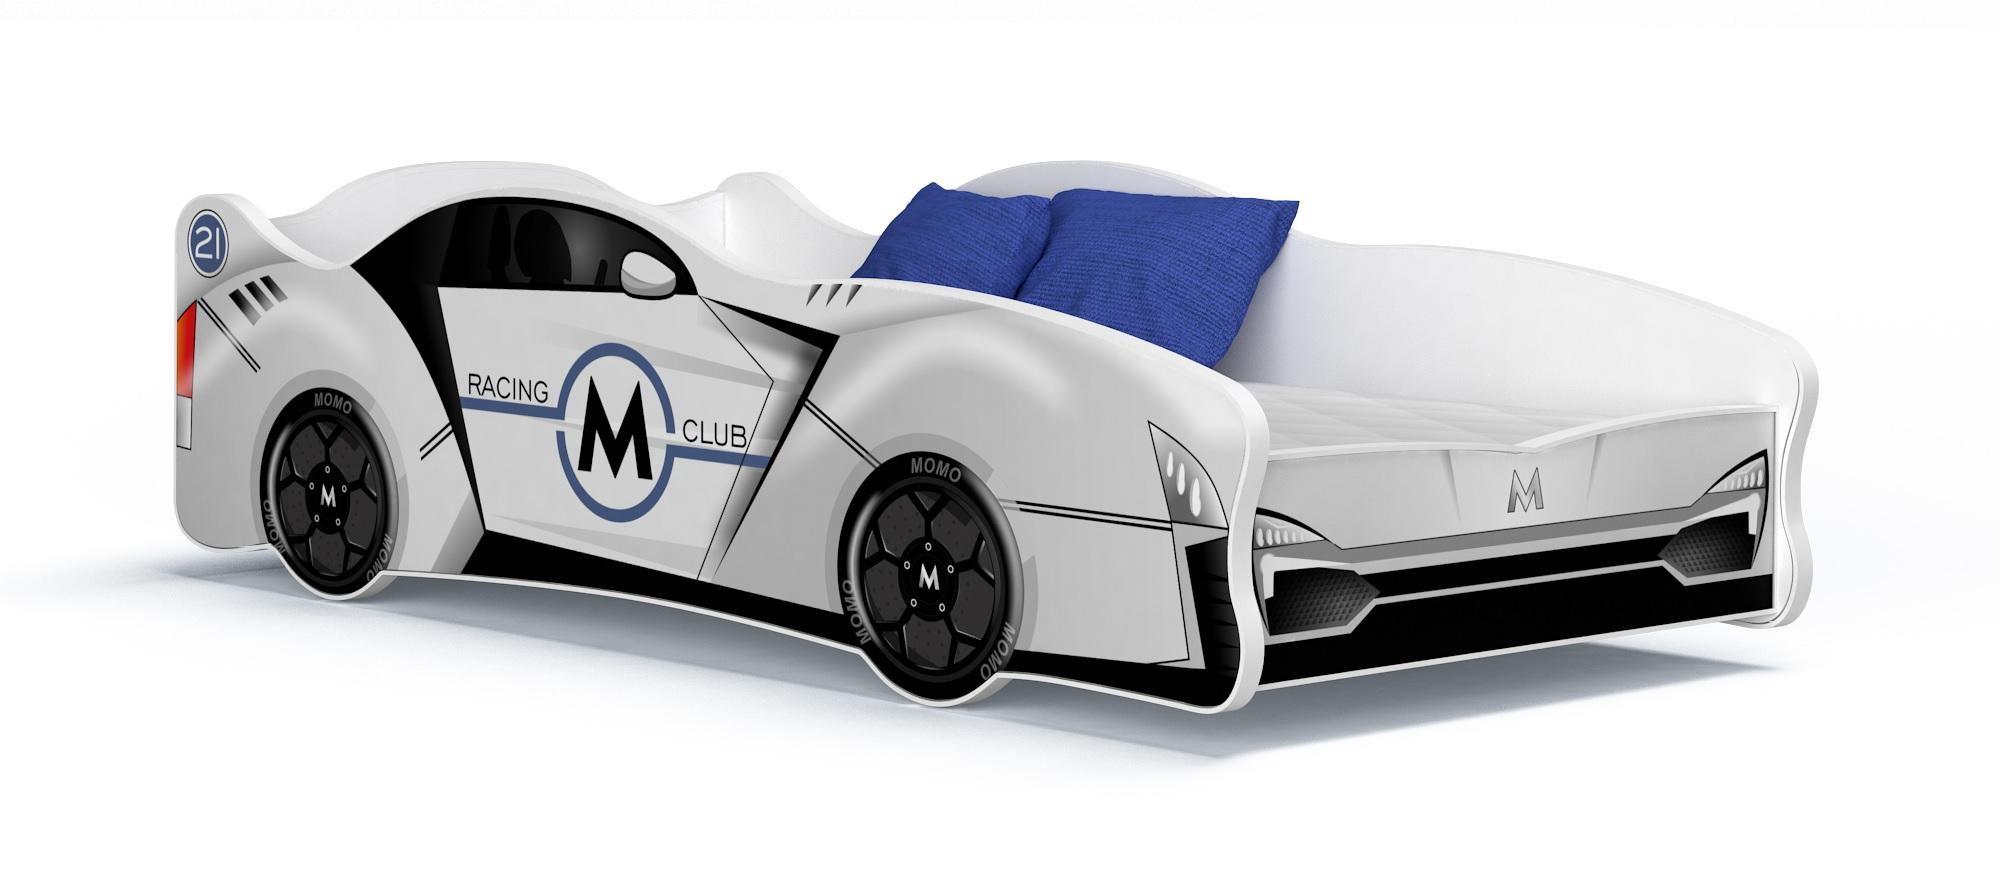 meubles lit voiture pour enfant matelas taille 160x80. Black Bedroom Furniture Sets. Home Design Ideas